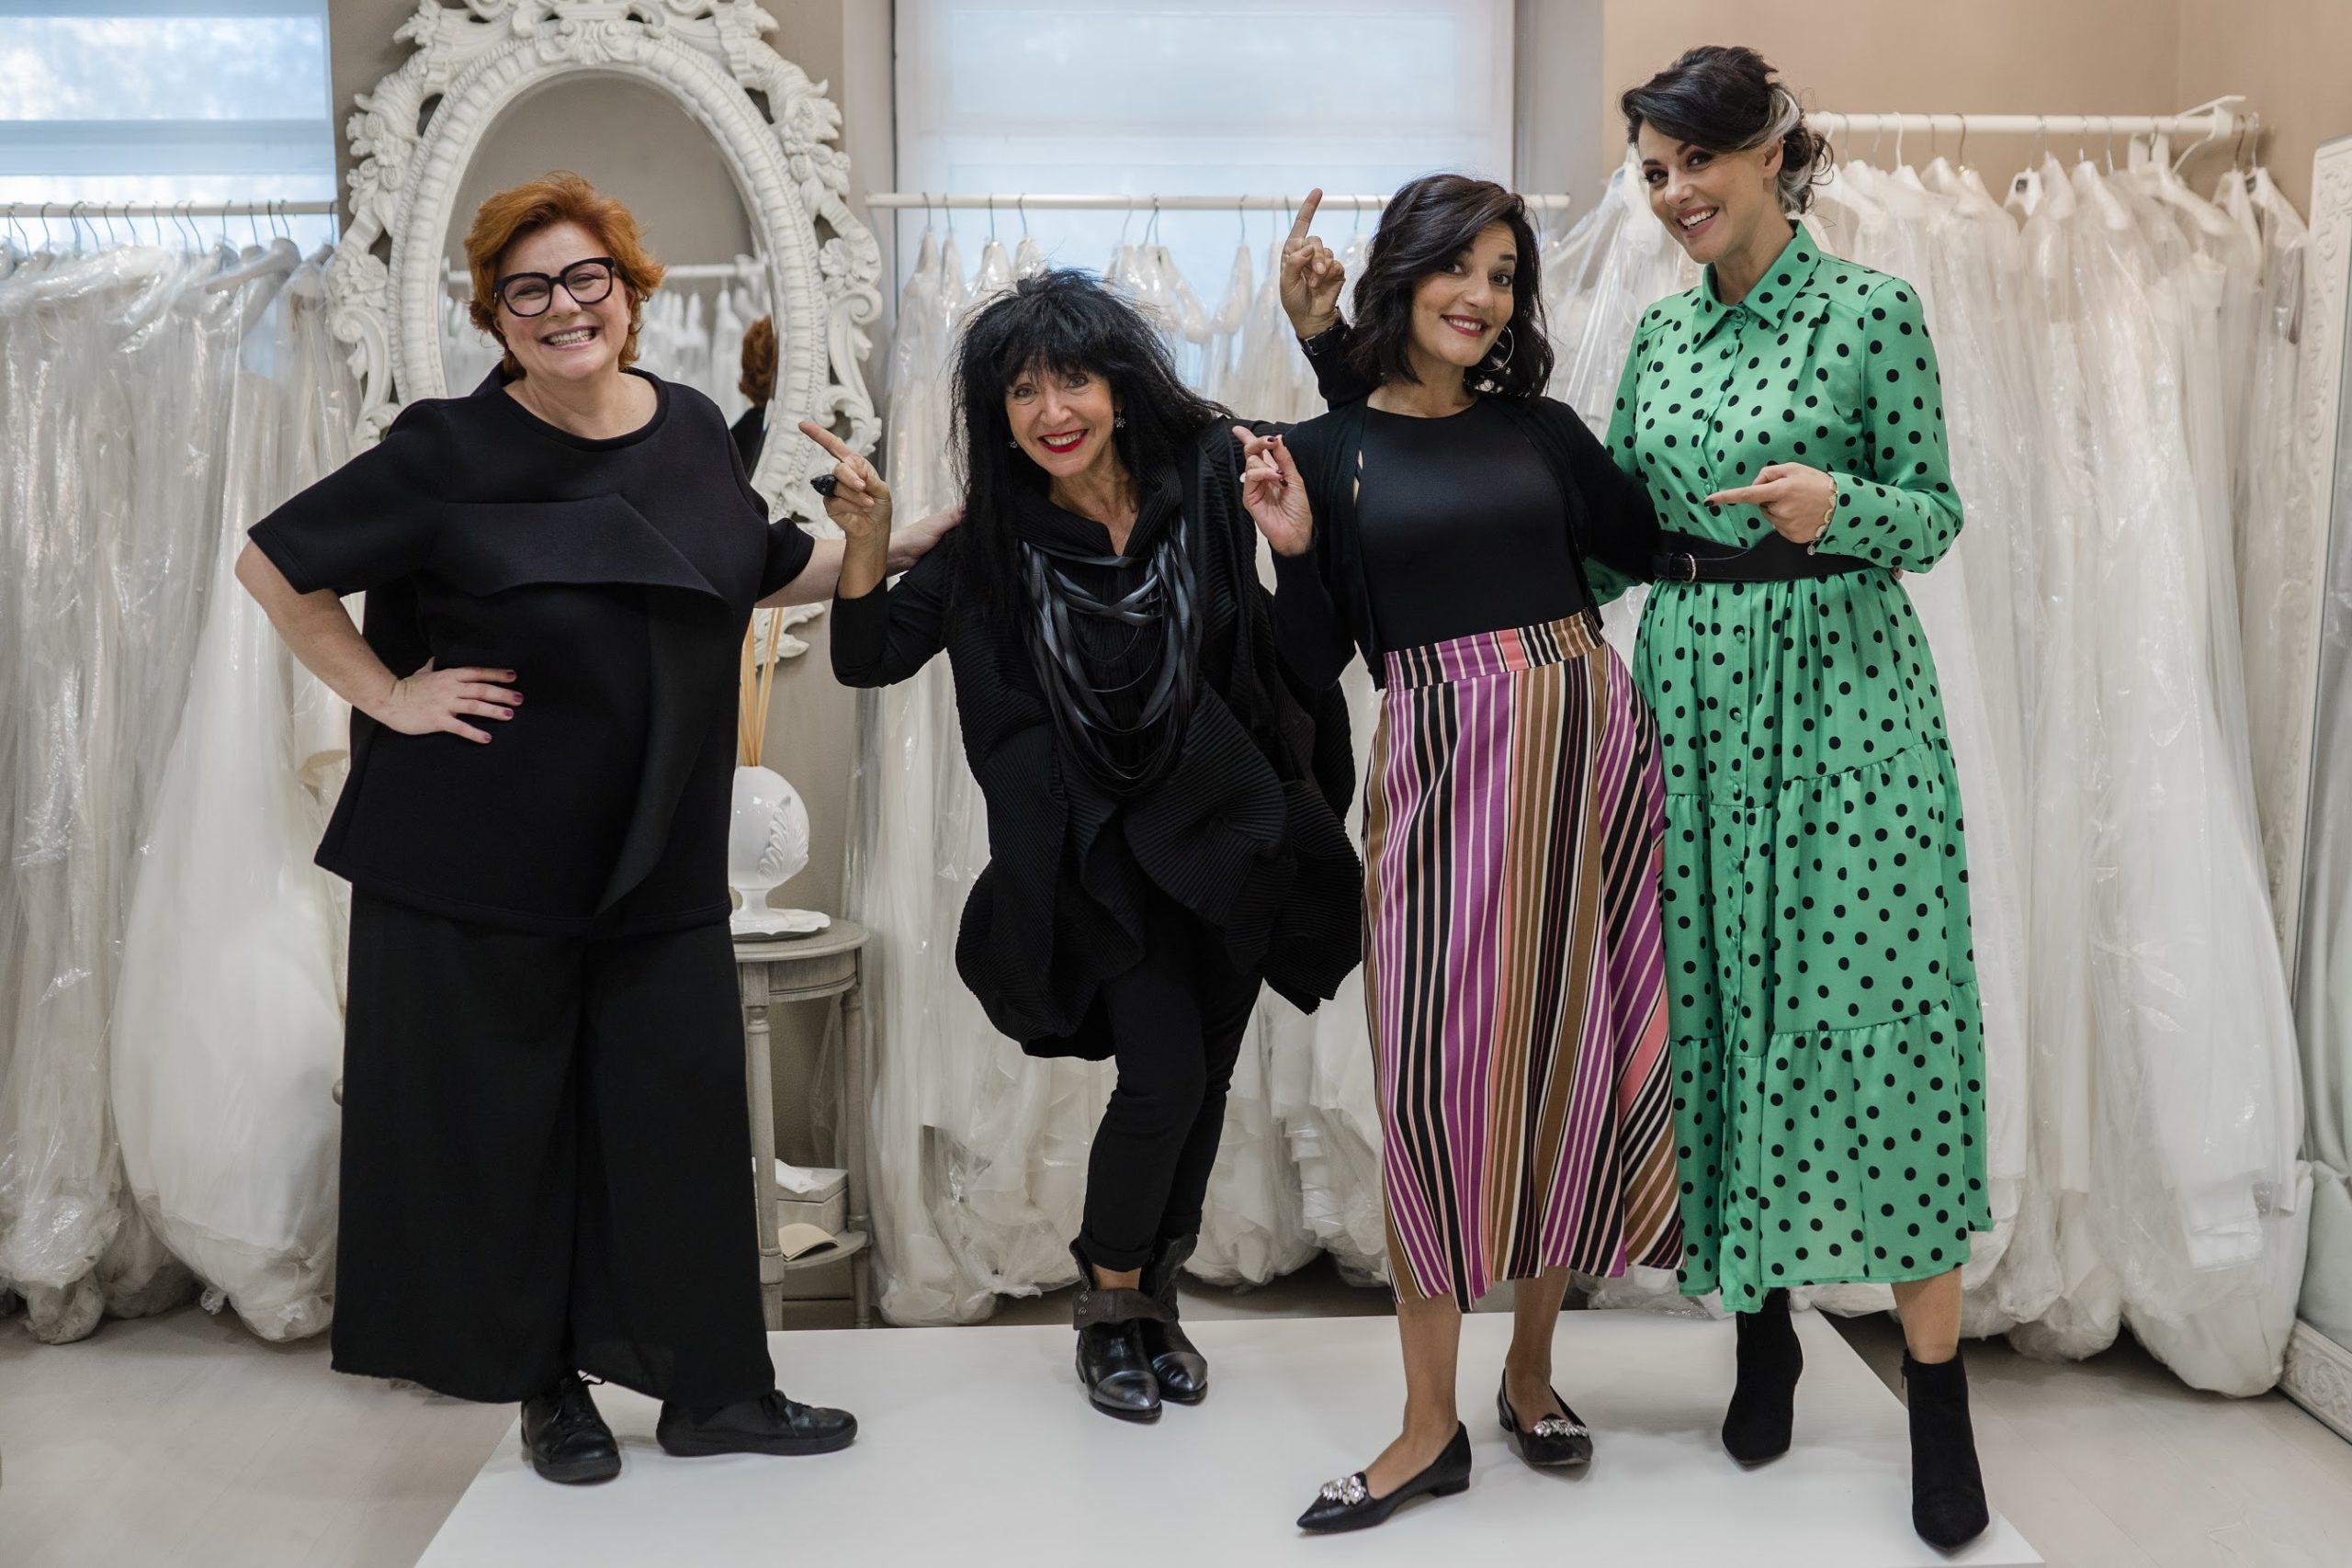 Livia Dell'Orefice, Elisabetta Polignano, Roberta Torresan, Tamara D'Andria